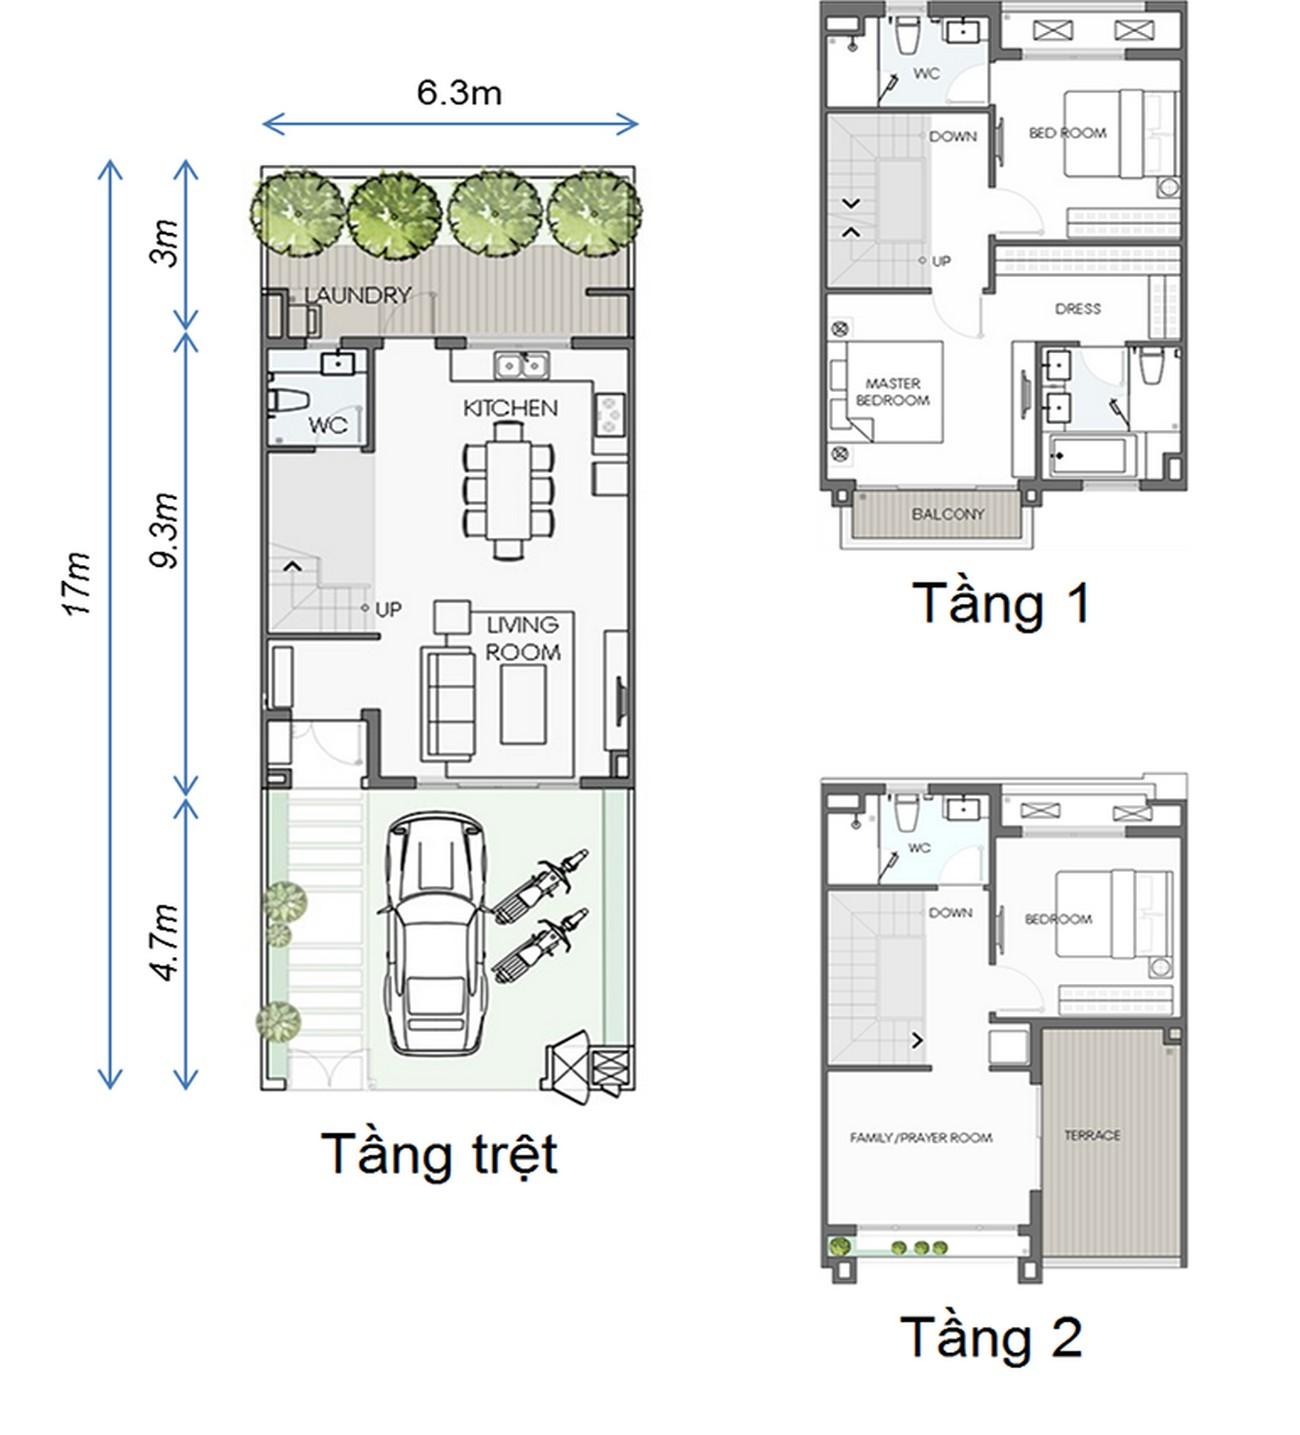 Thiết kế Biệt Thự Sinh Thái Swan Park Nhơn Trạch Đường Đường số 7 chủ đầu tư CFLD